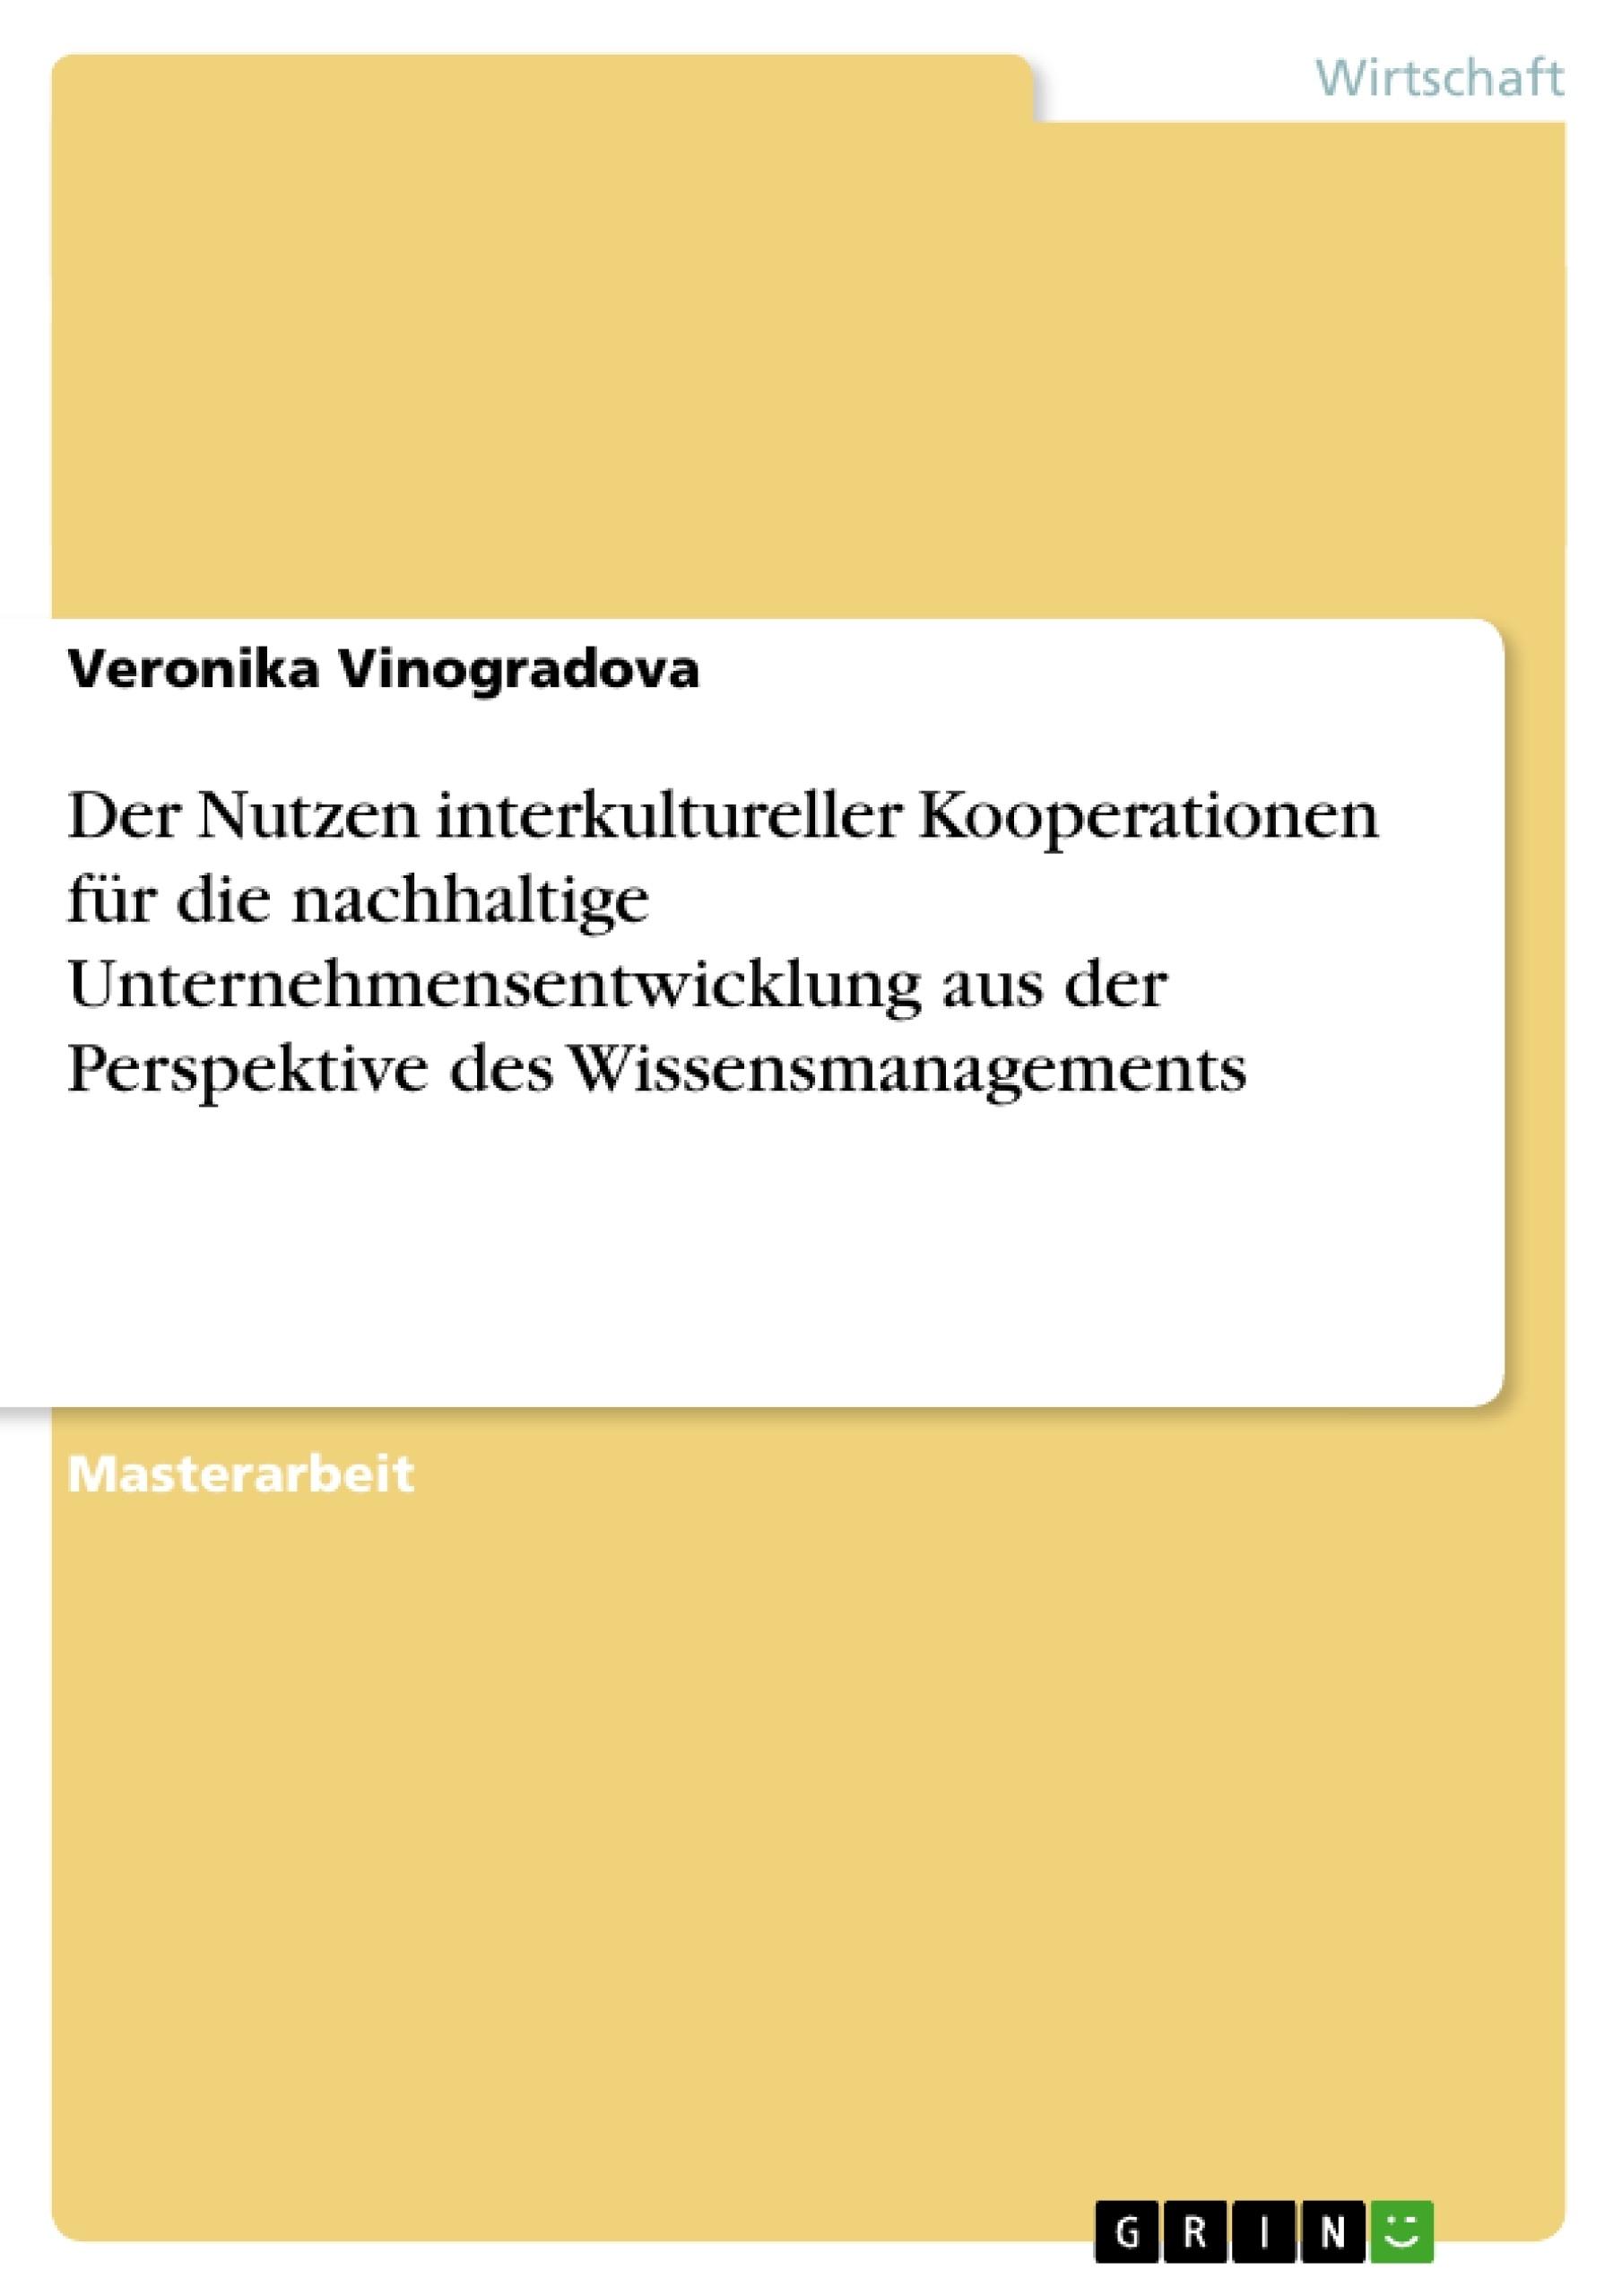 Titel: Der Nutzen interkultureller Kooperationen für die nachhaltige Unternehmensentwicklung aus der Perspektive des Wissensmanagements